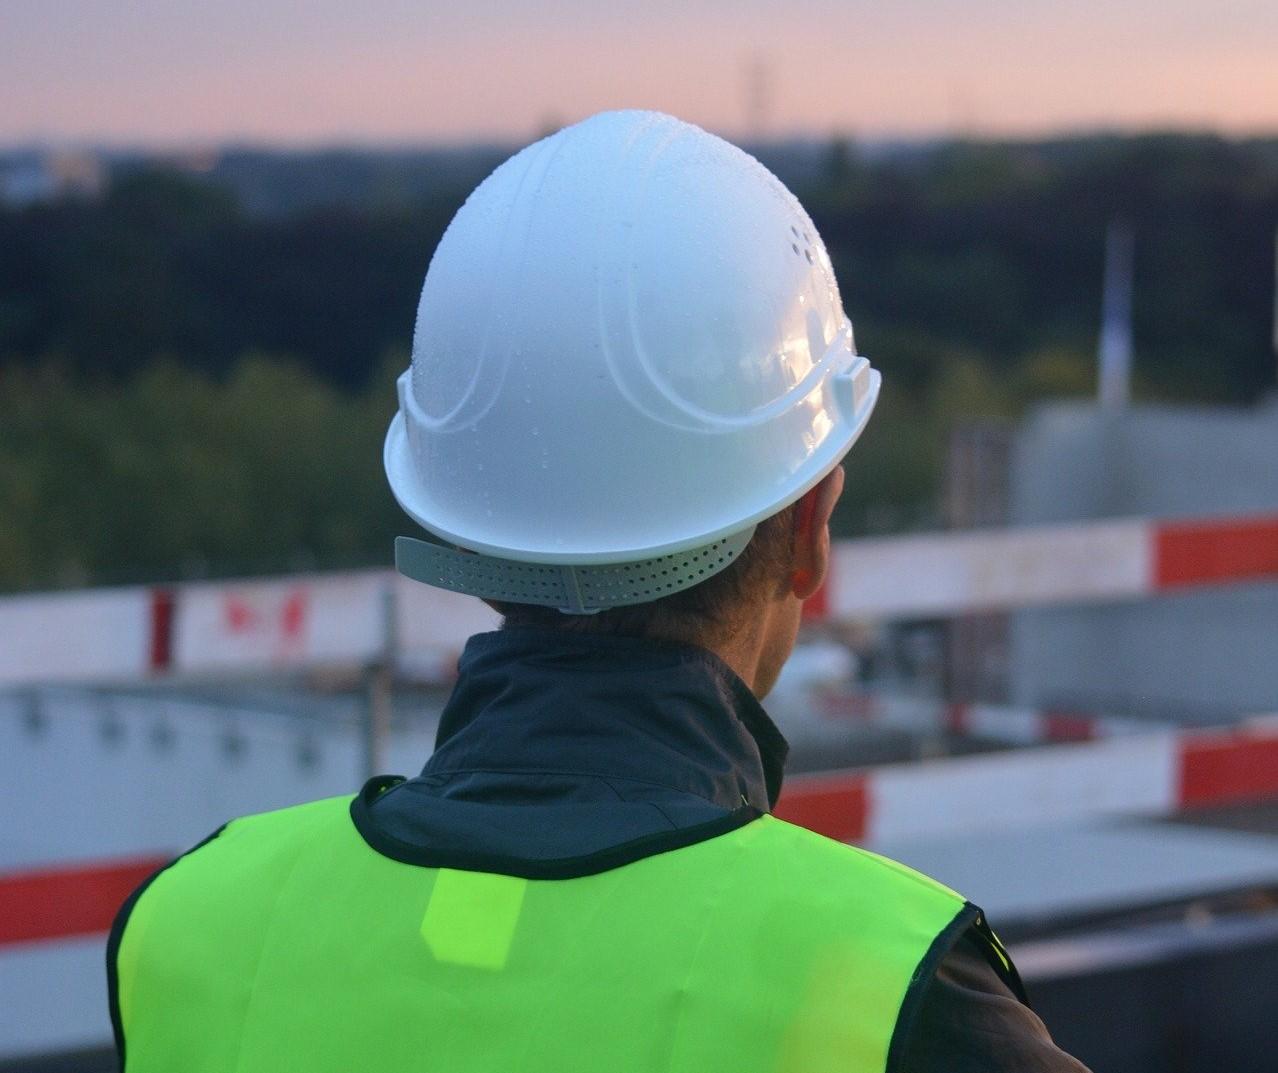 施工管理の仕事内容や忙しさを紹介